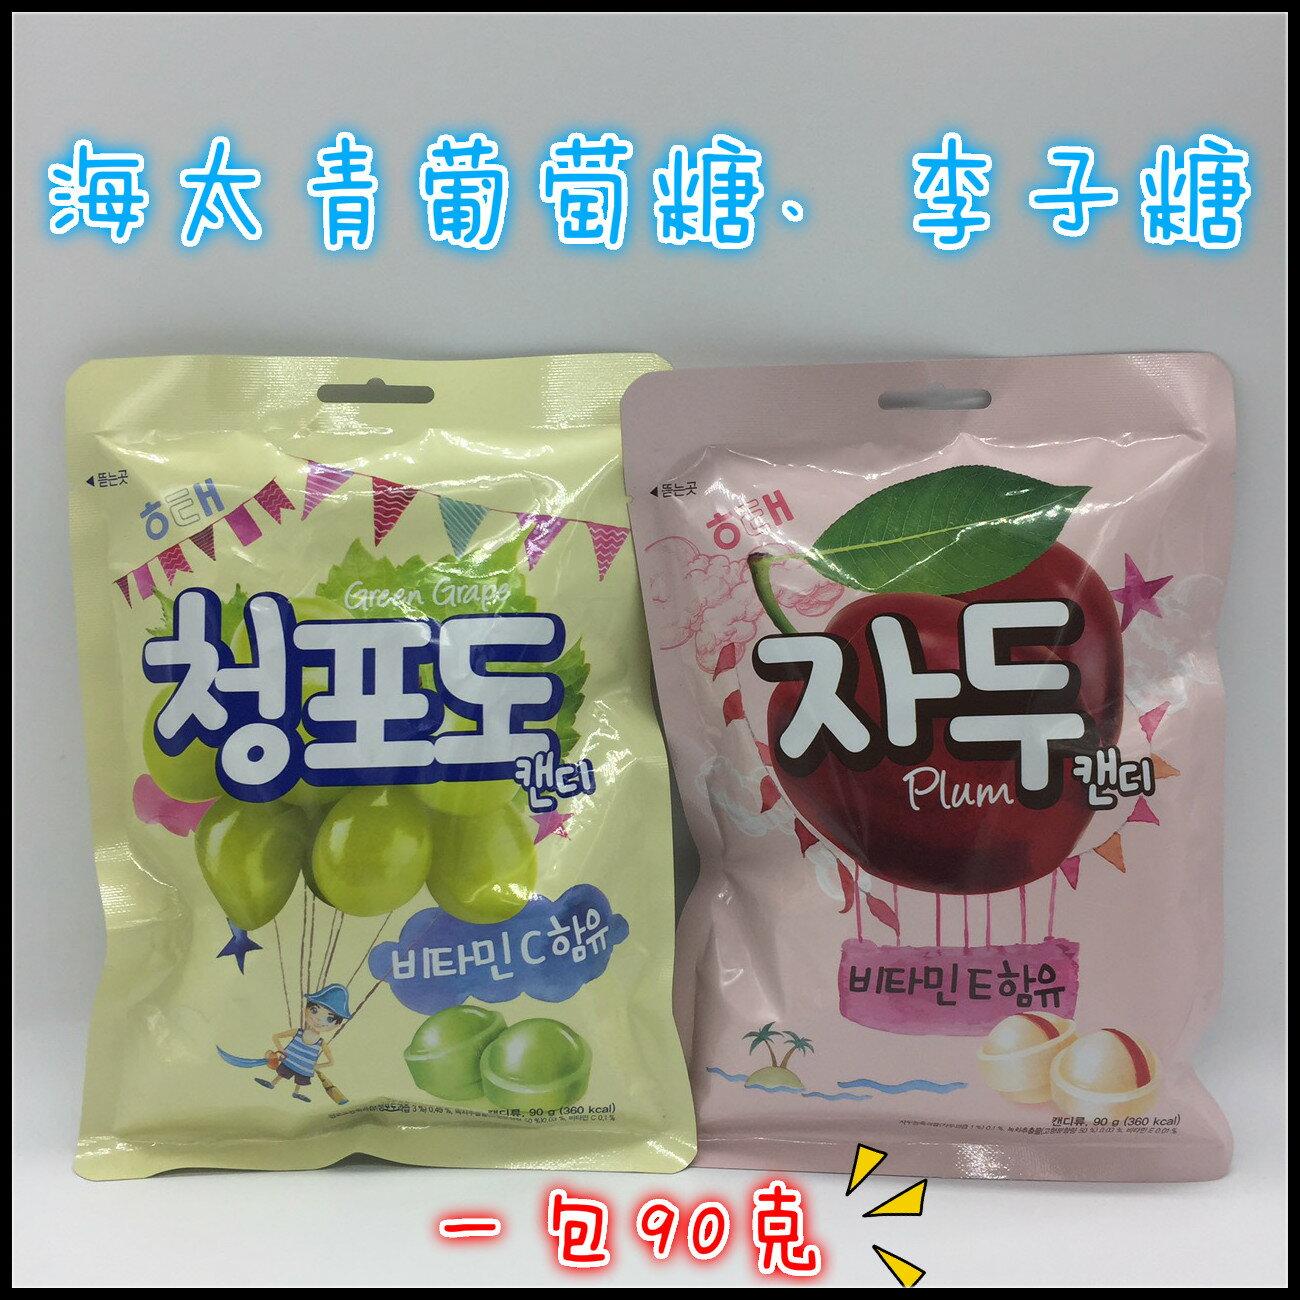 ❤含發票❤進口零食❤海太❤李子糖 青葡萄糖❤一包90克❤韓國進口 零食 點心 餅乾 糖果❤